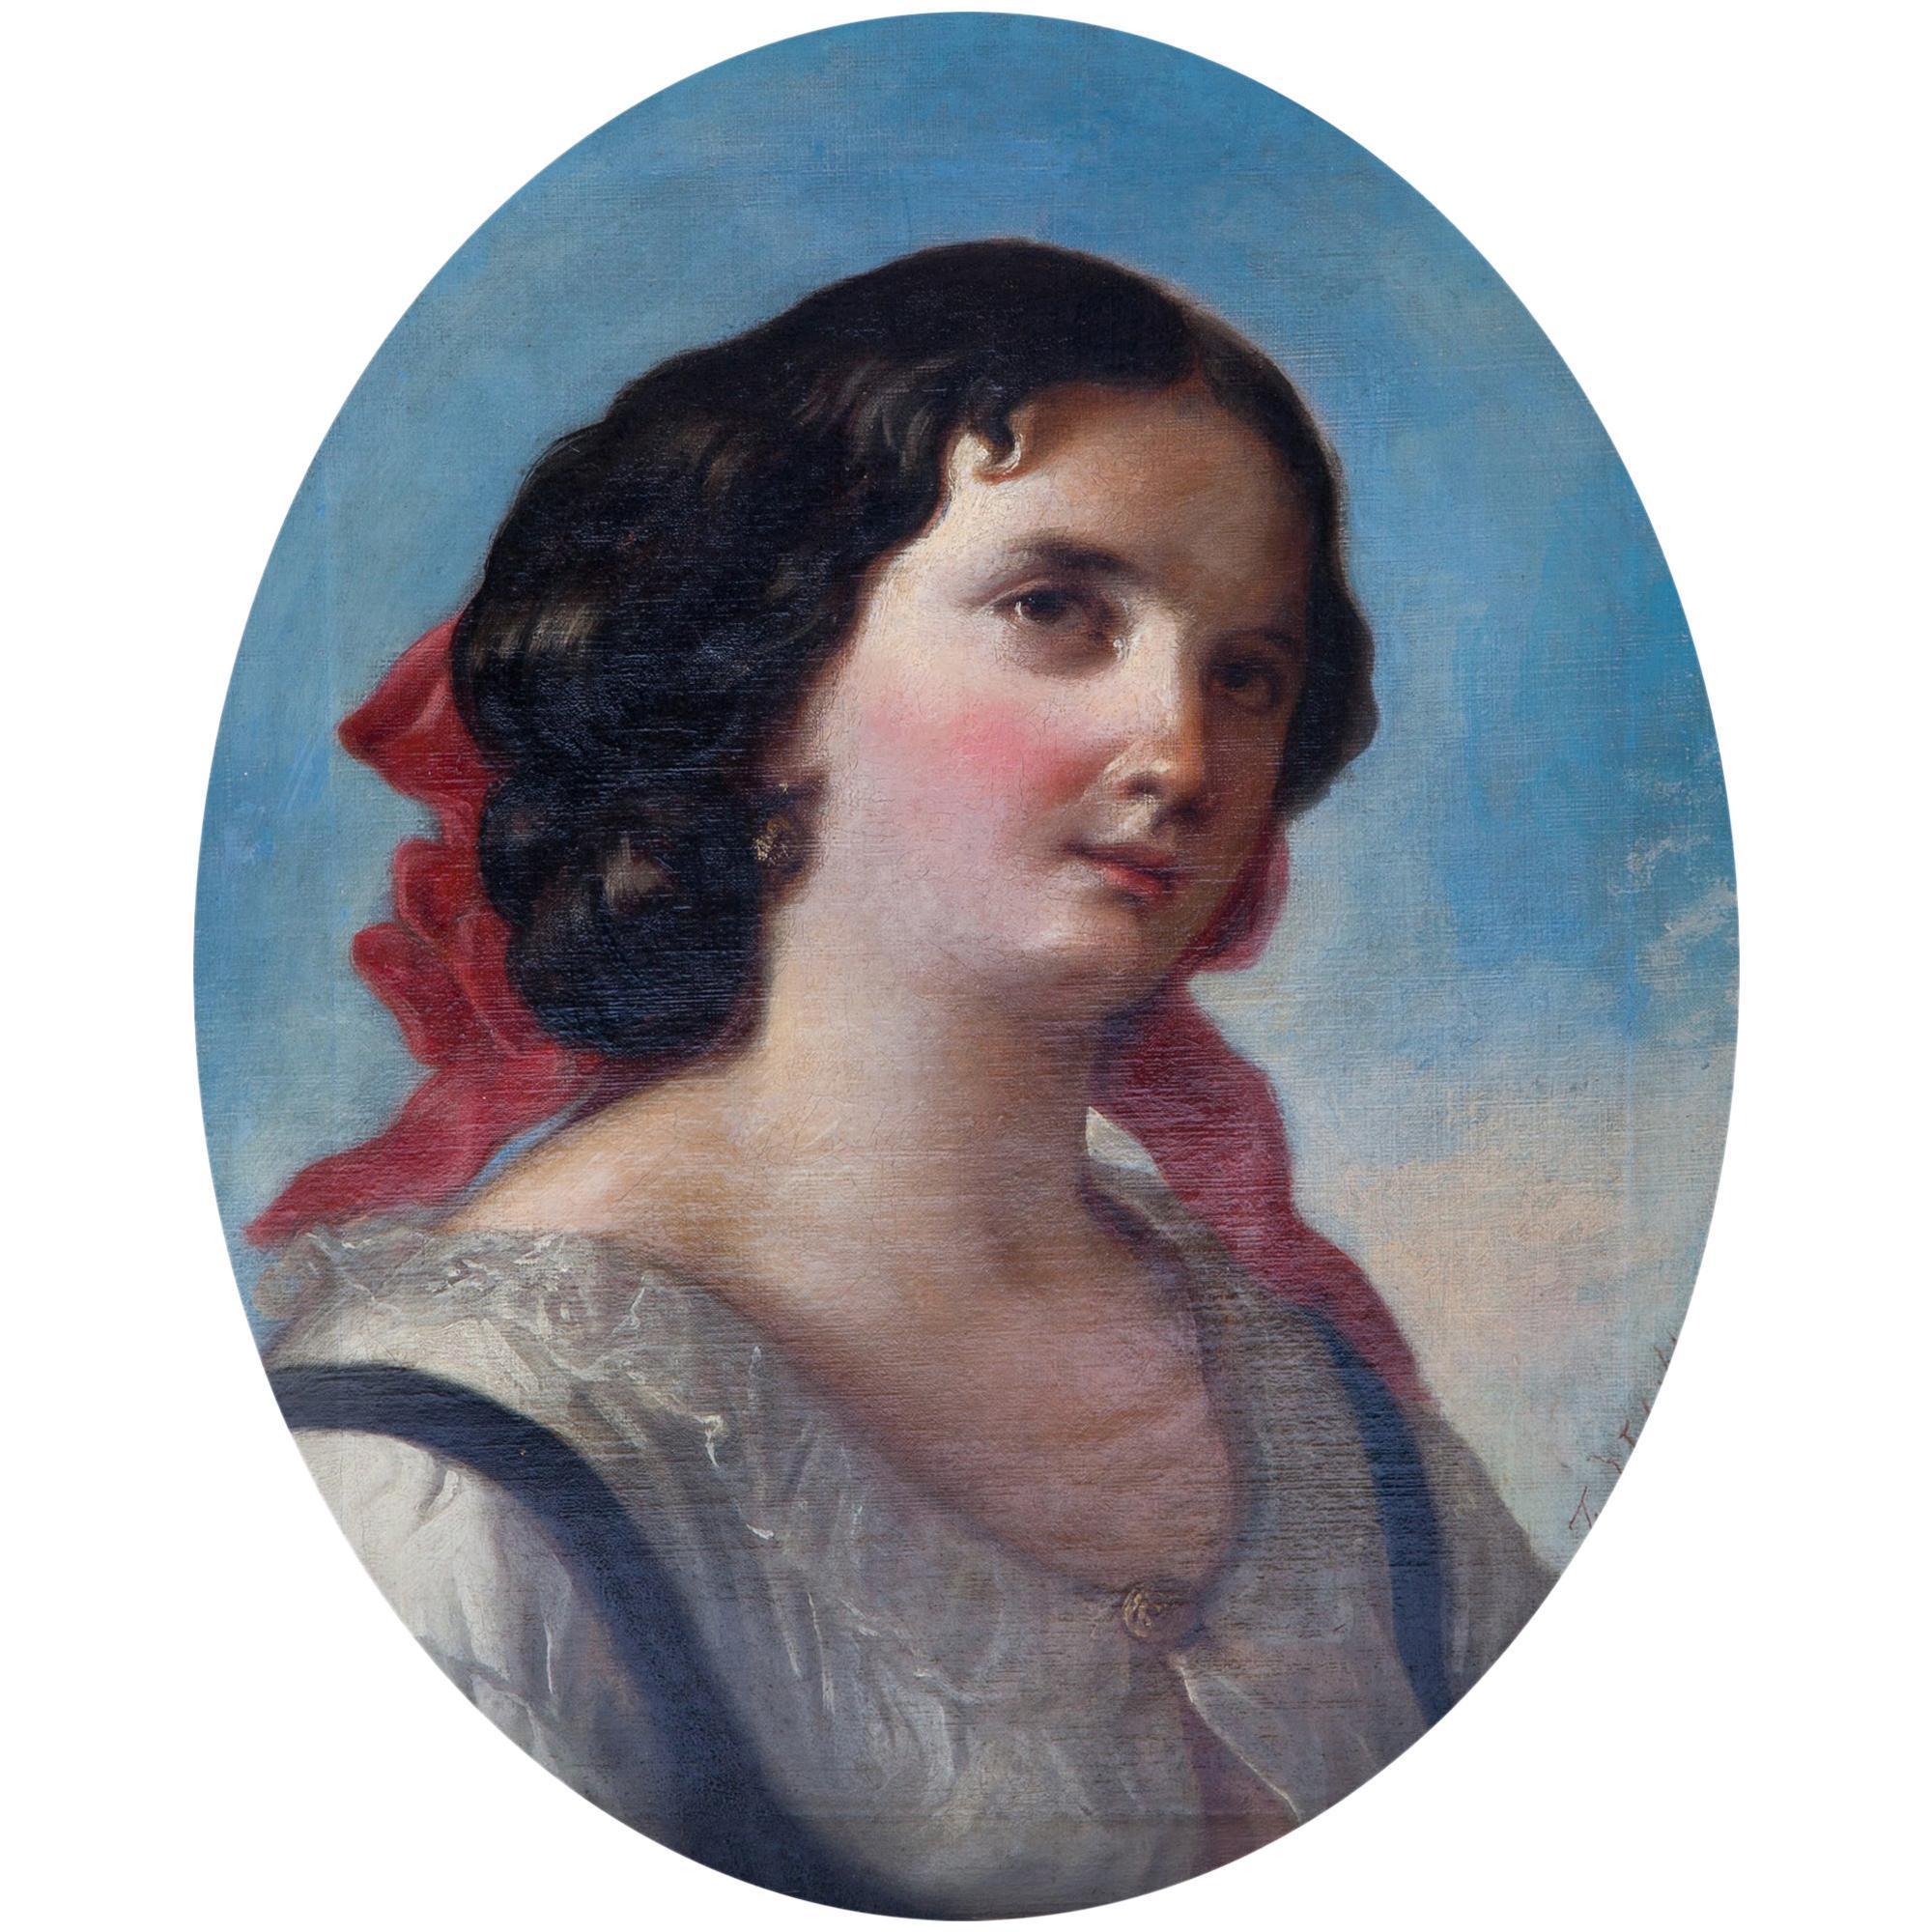 Friedrich Schilcher, Biedermeier Portrait of a Young Woman, Vienna 19th Century